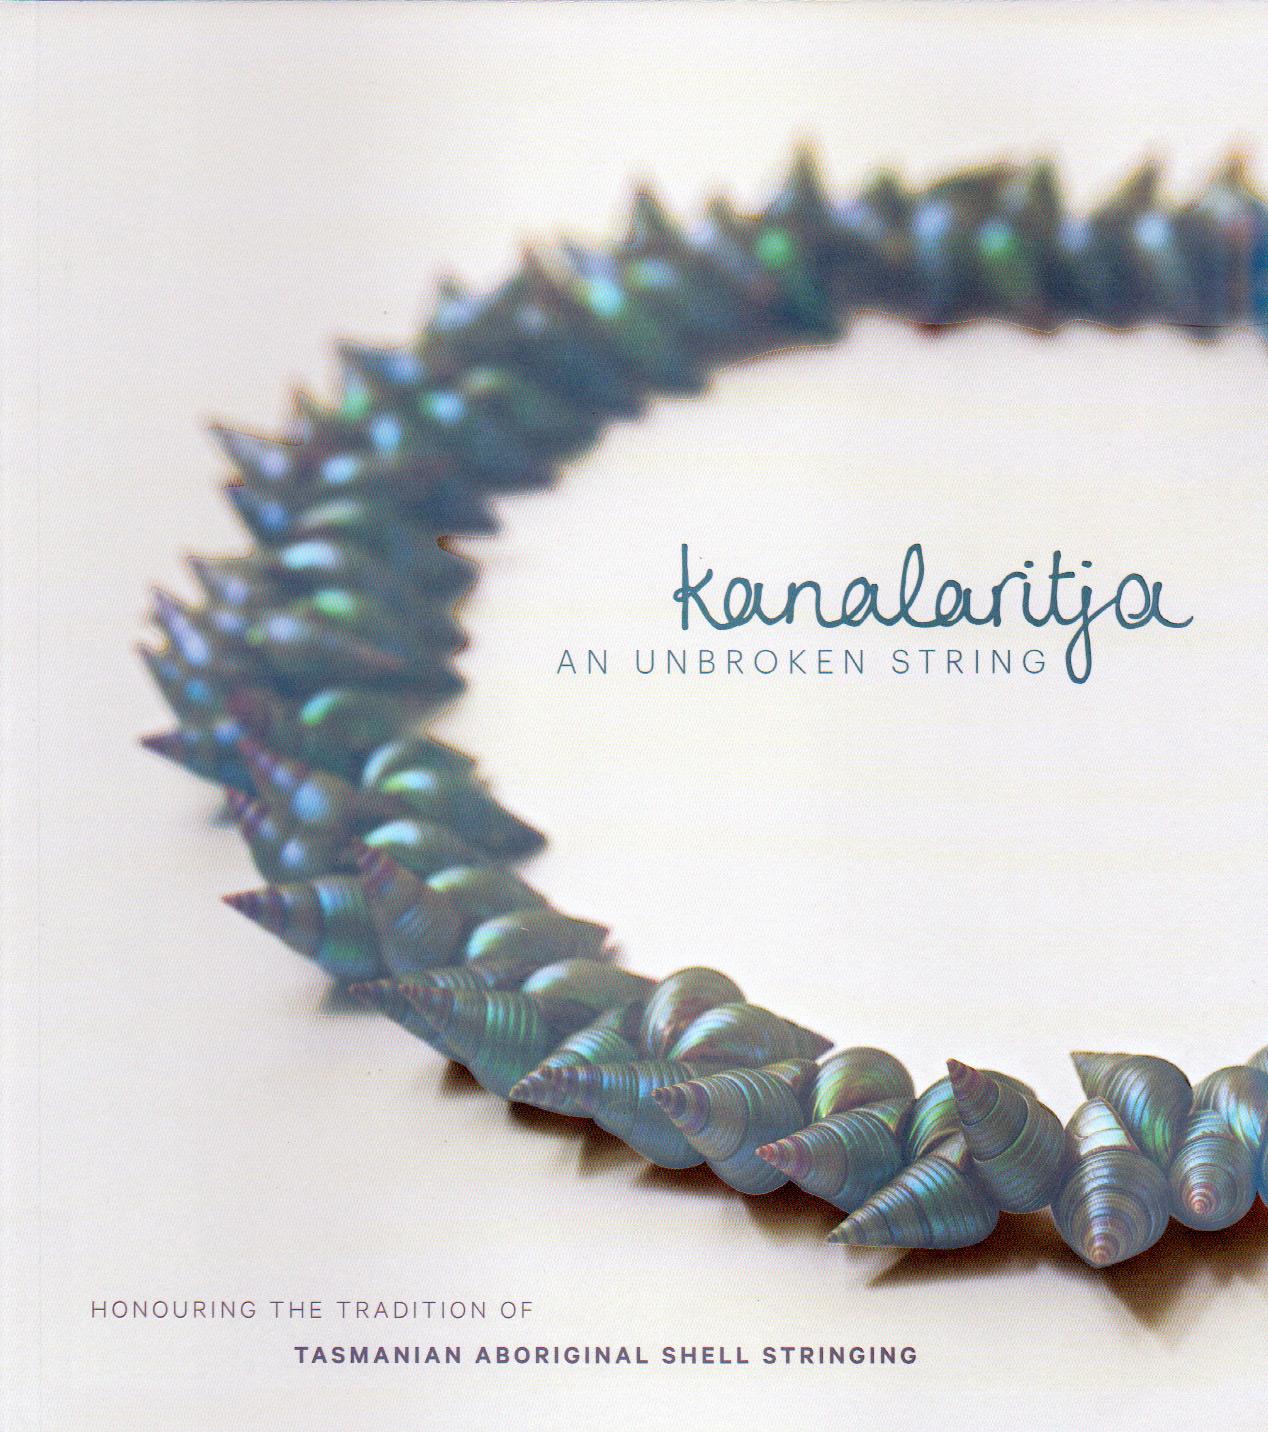 Kanalaritja - An Unbroken String